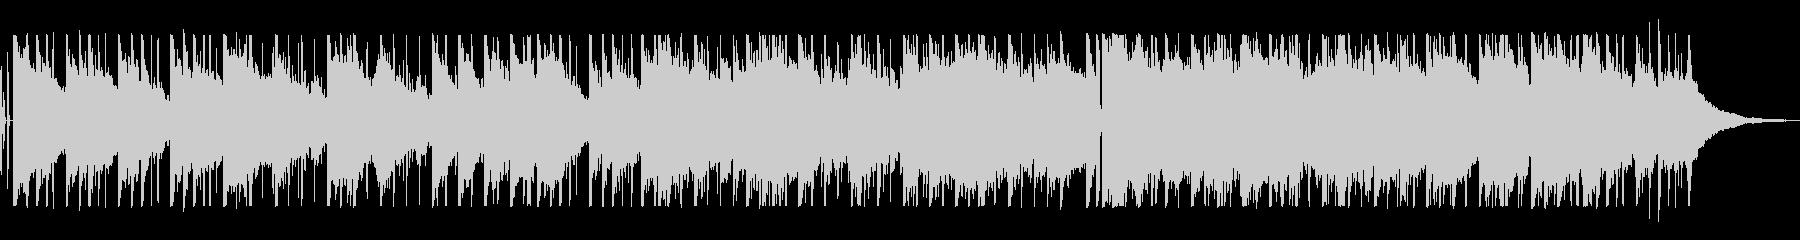 ビオラのメロディーが感動的なサウンドの未再生の波形